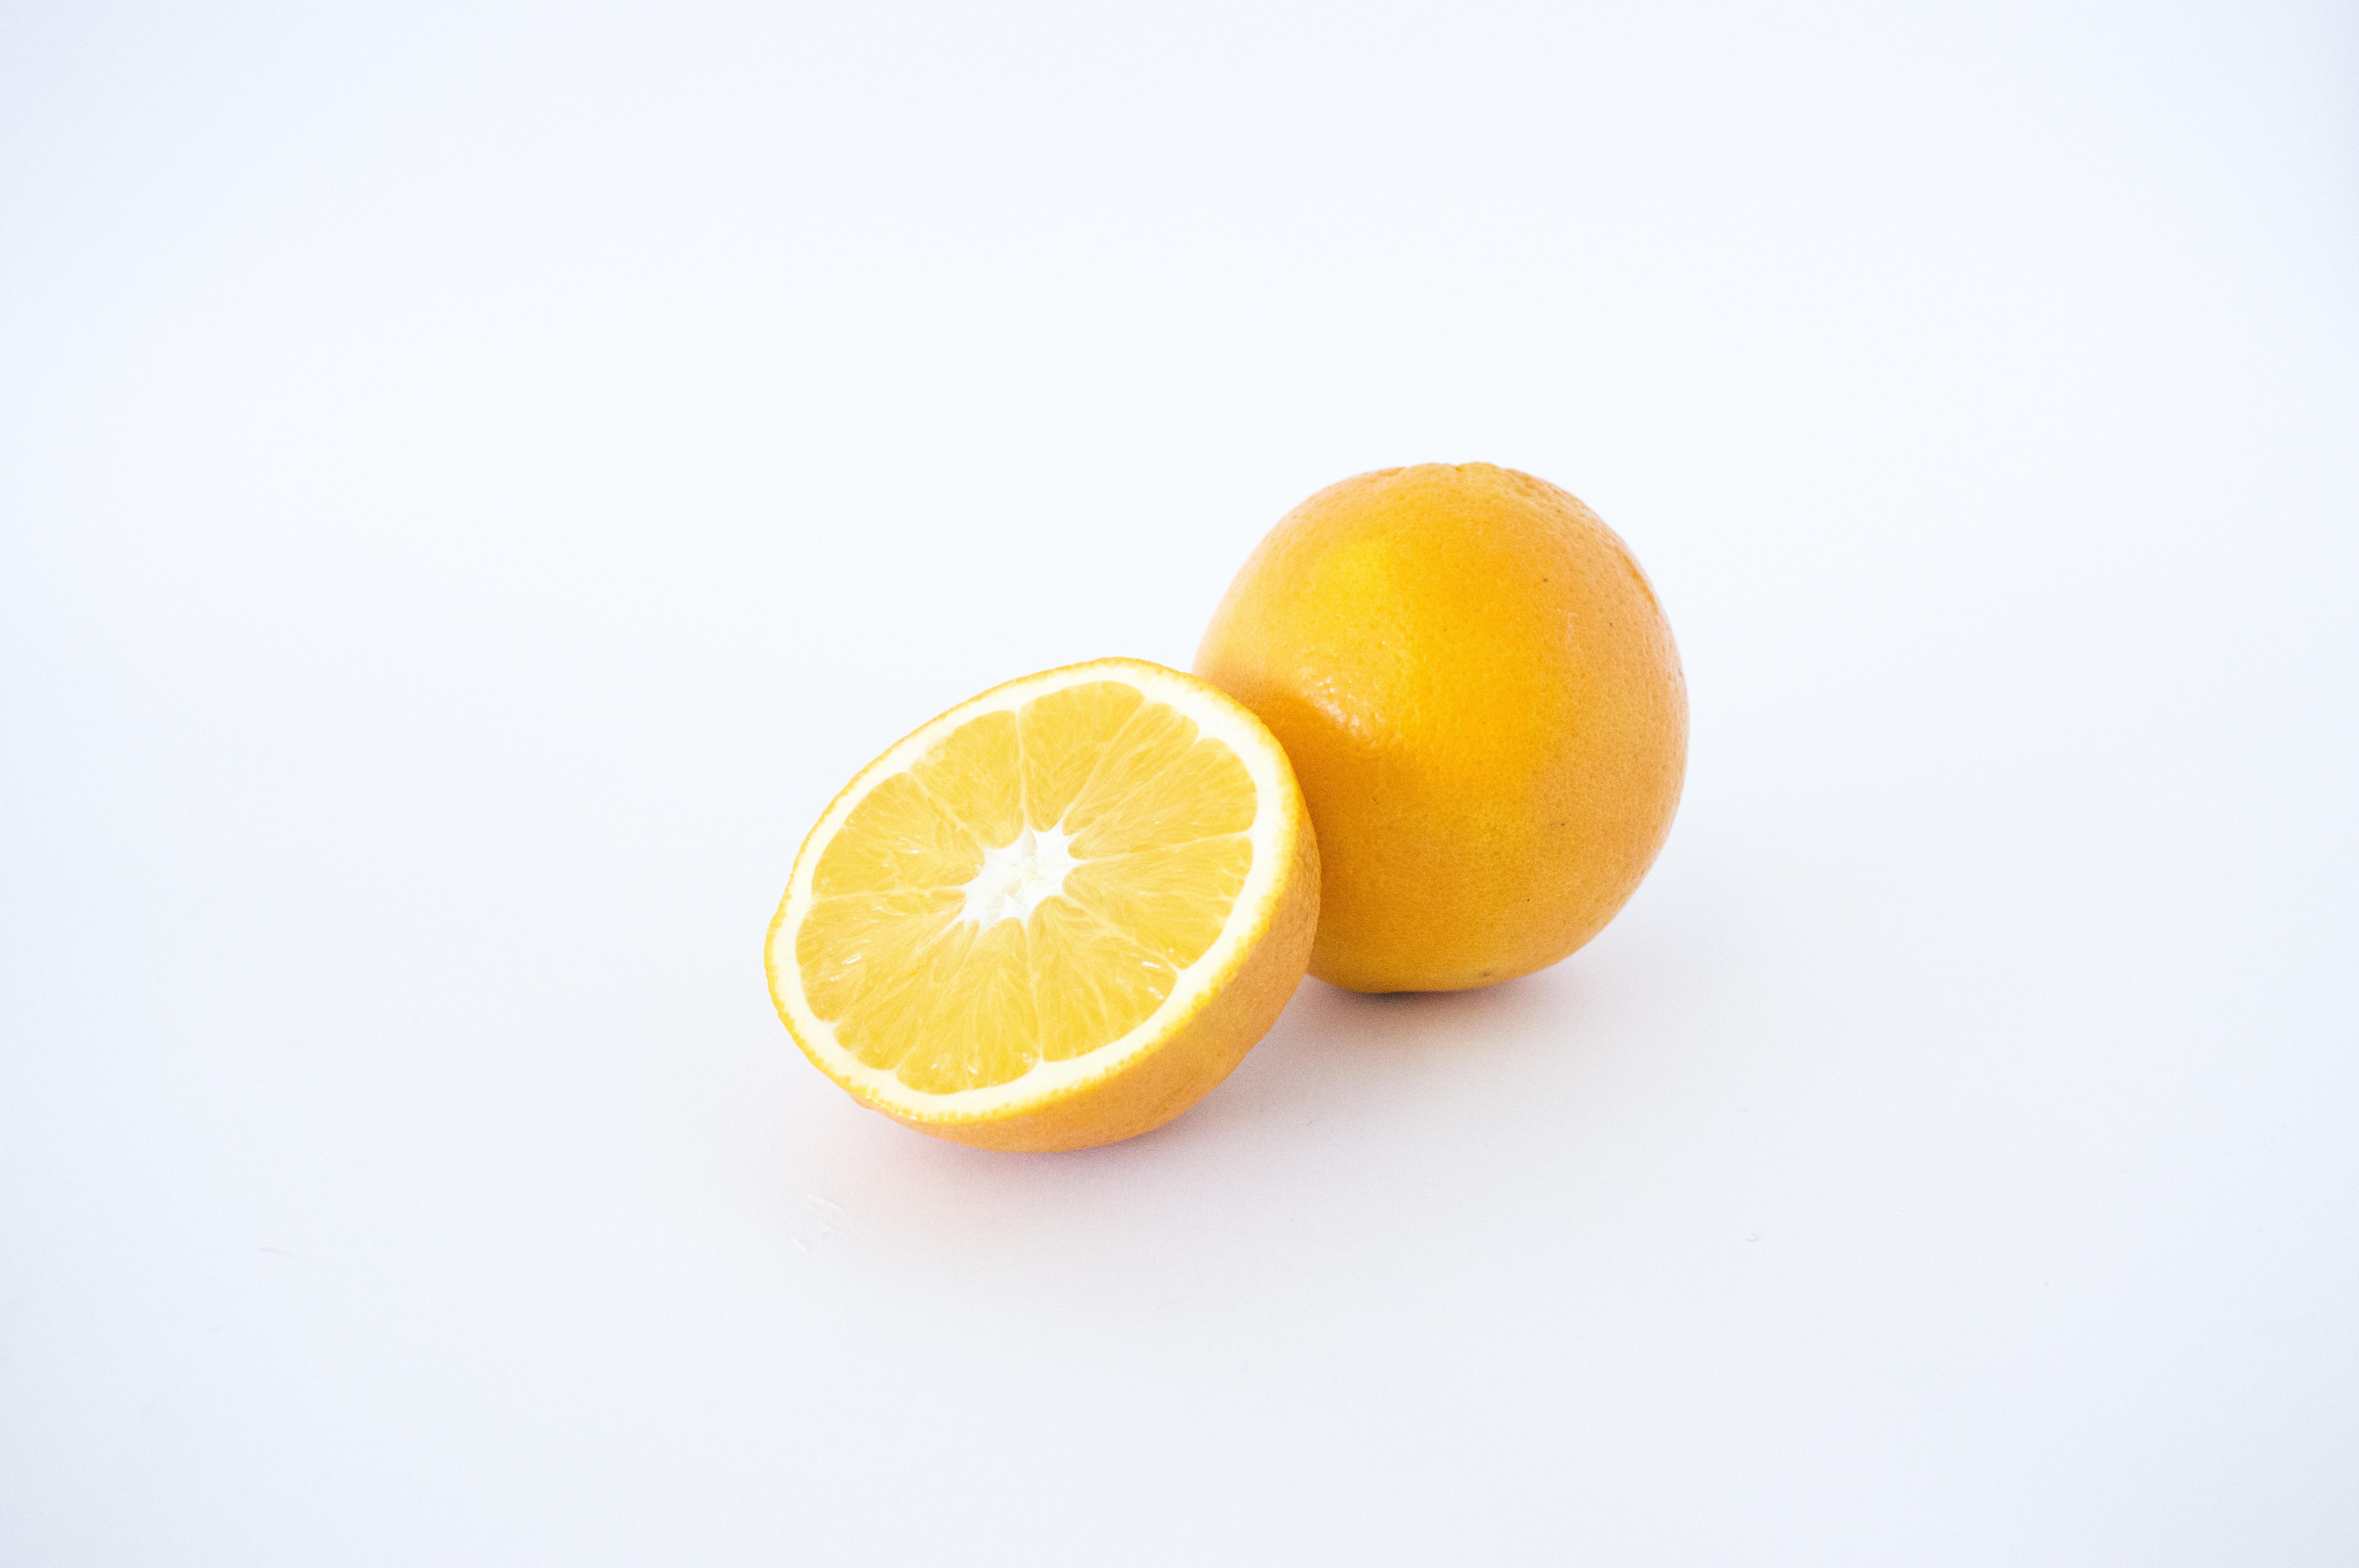 Free Images : nature, white, fruit, sweet, orange, food, produce ...